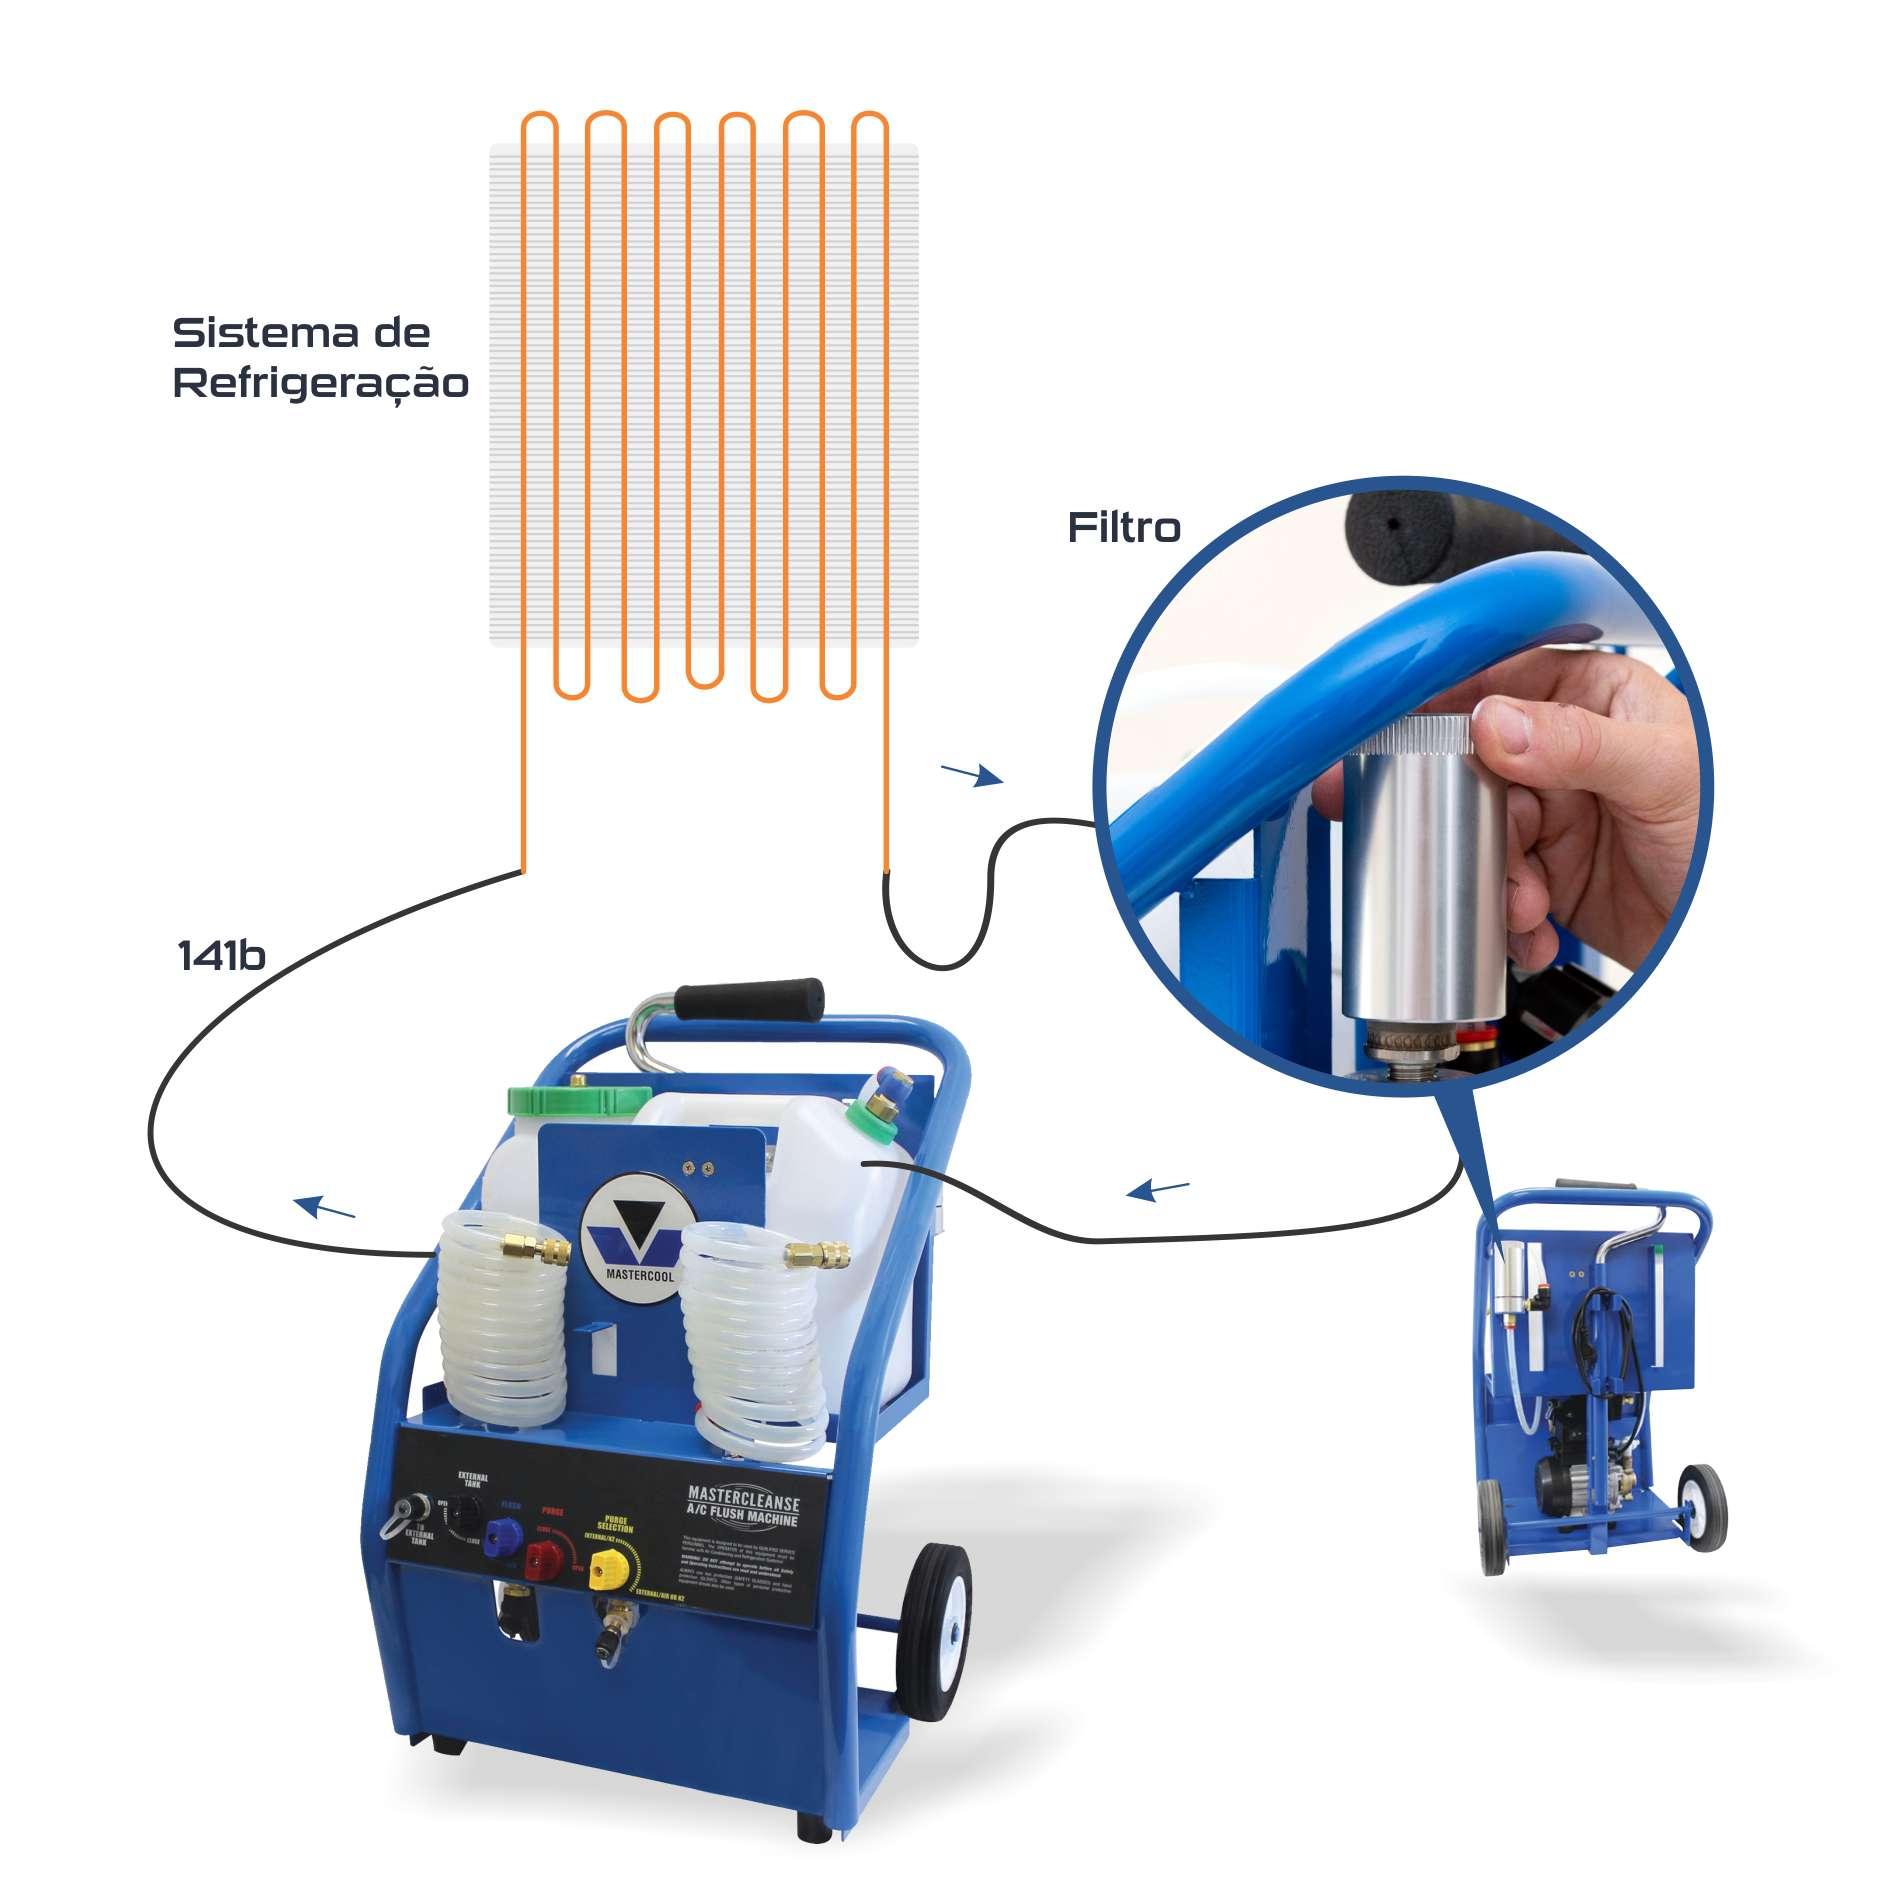 Máquina para Limpeza de Sistemas de Refrigeração Mastercool 69900 220v Flush 141b 300w